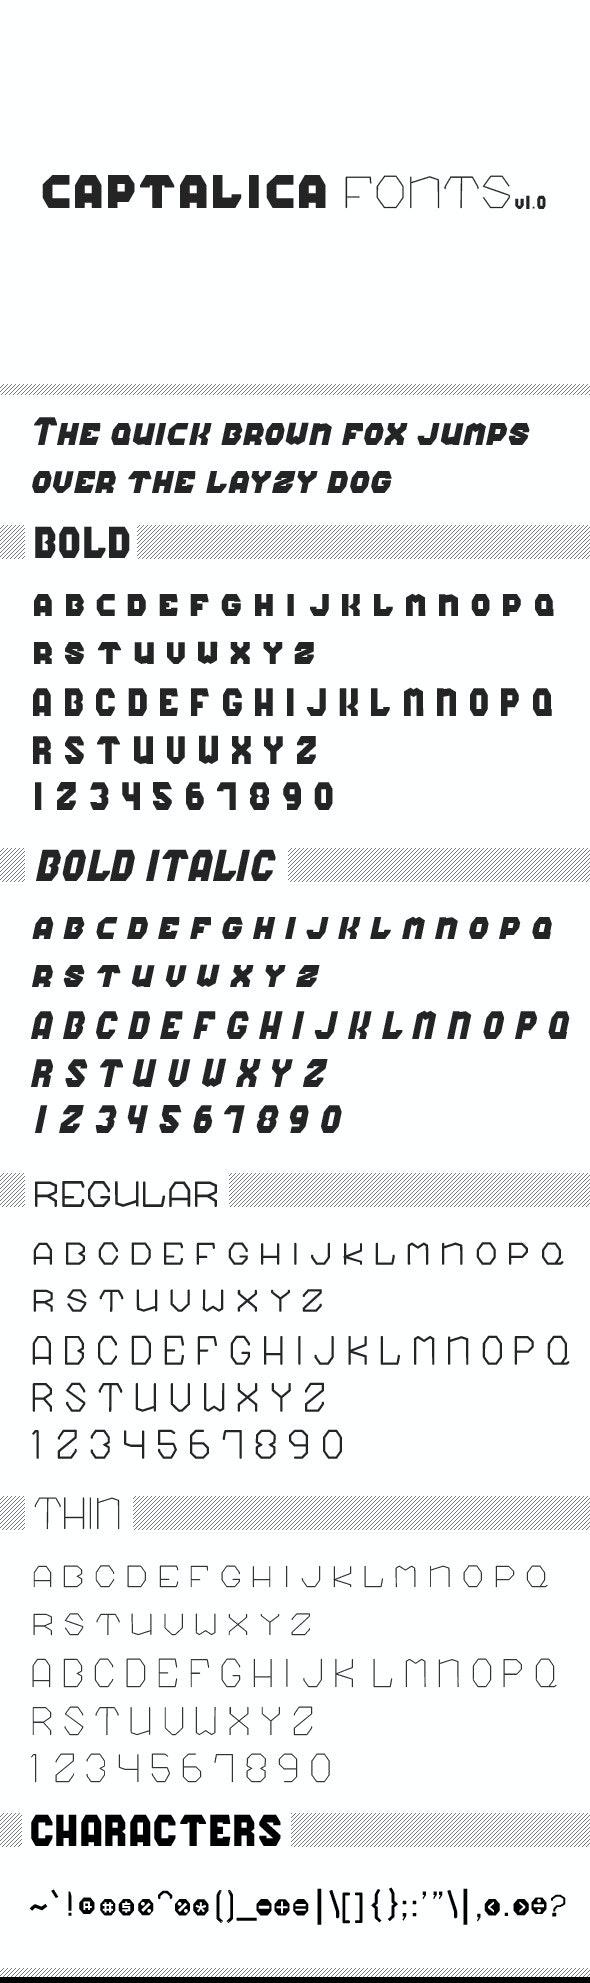 Captalica Font - Sans-Serif Fonts